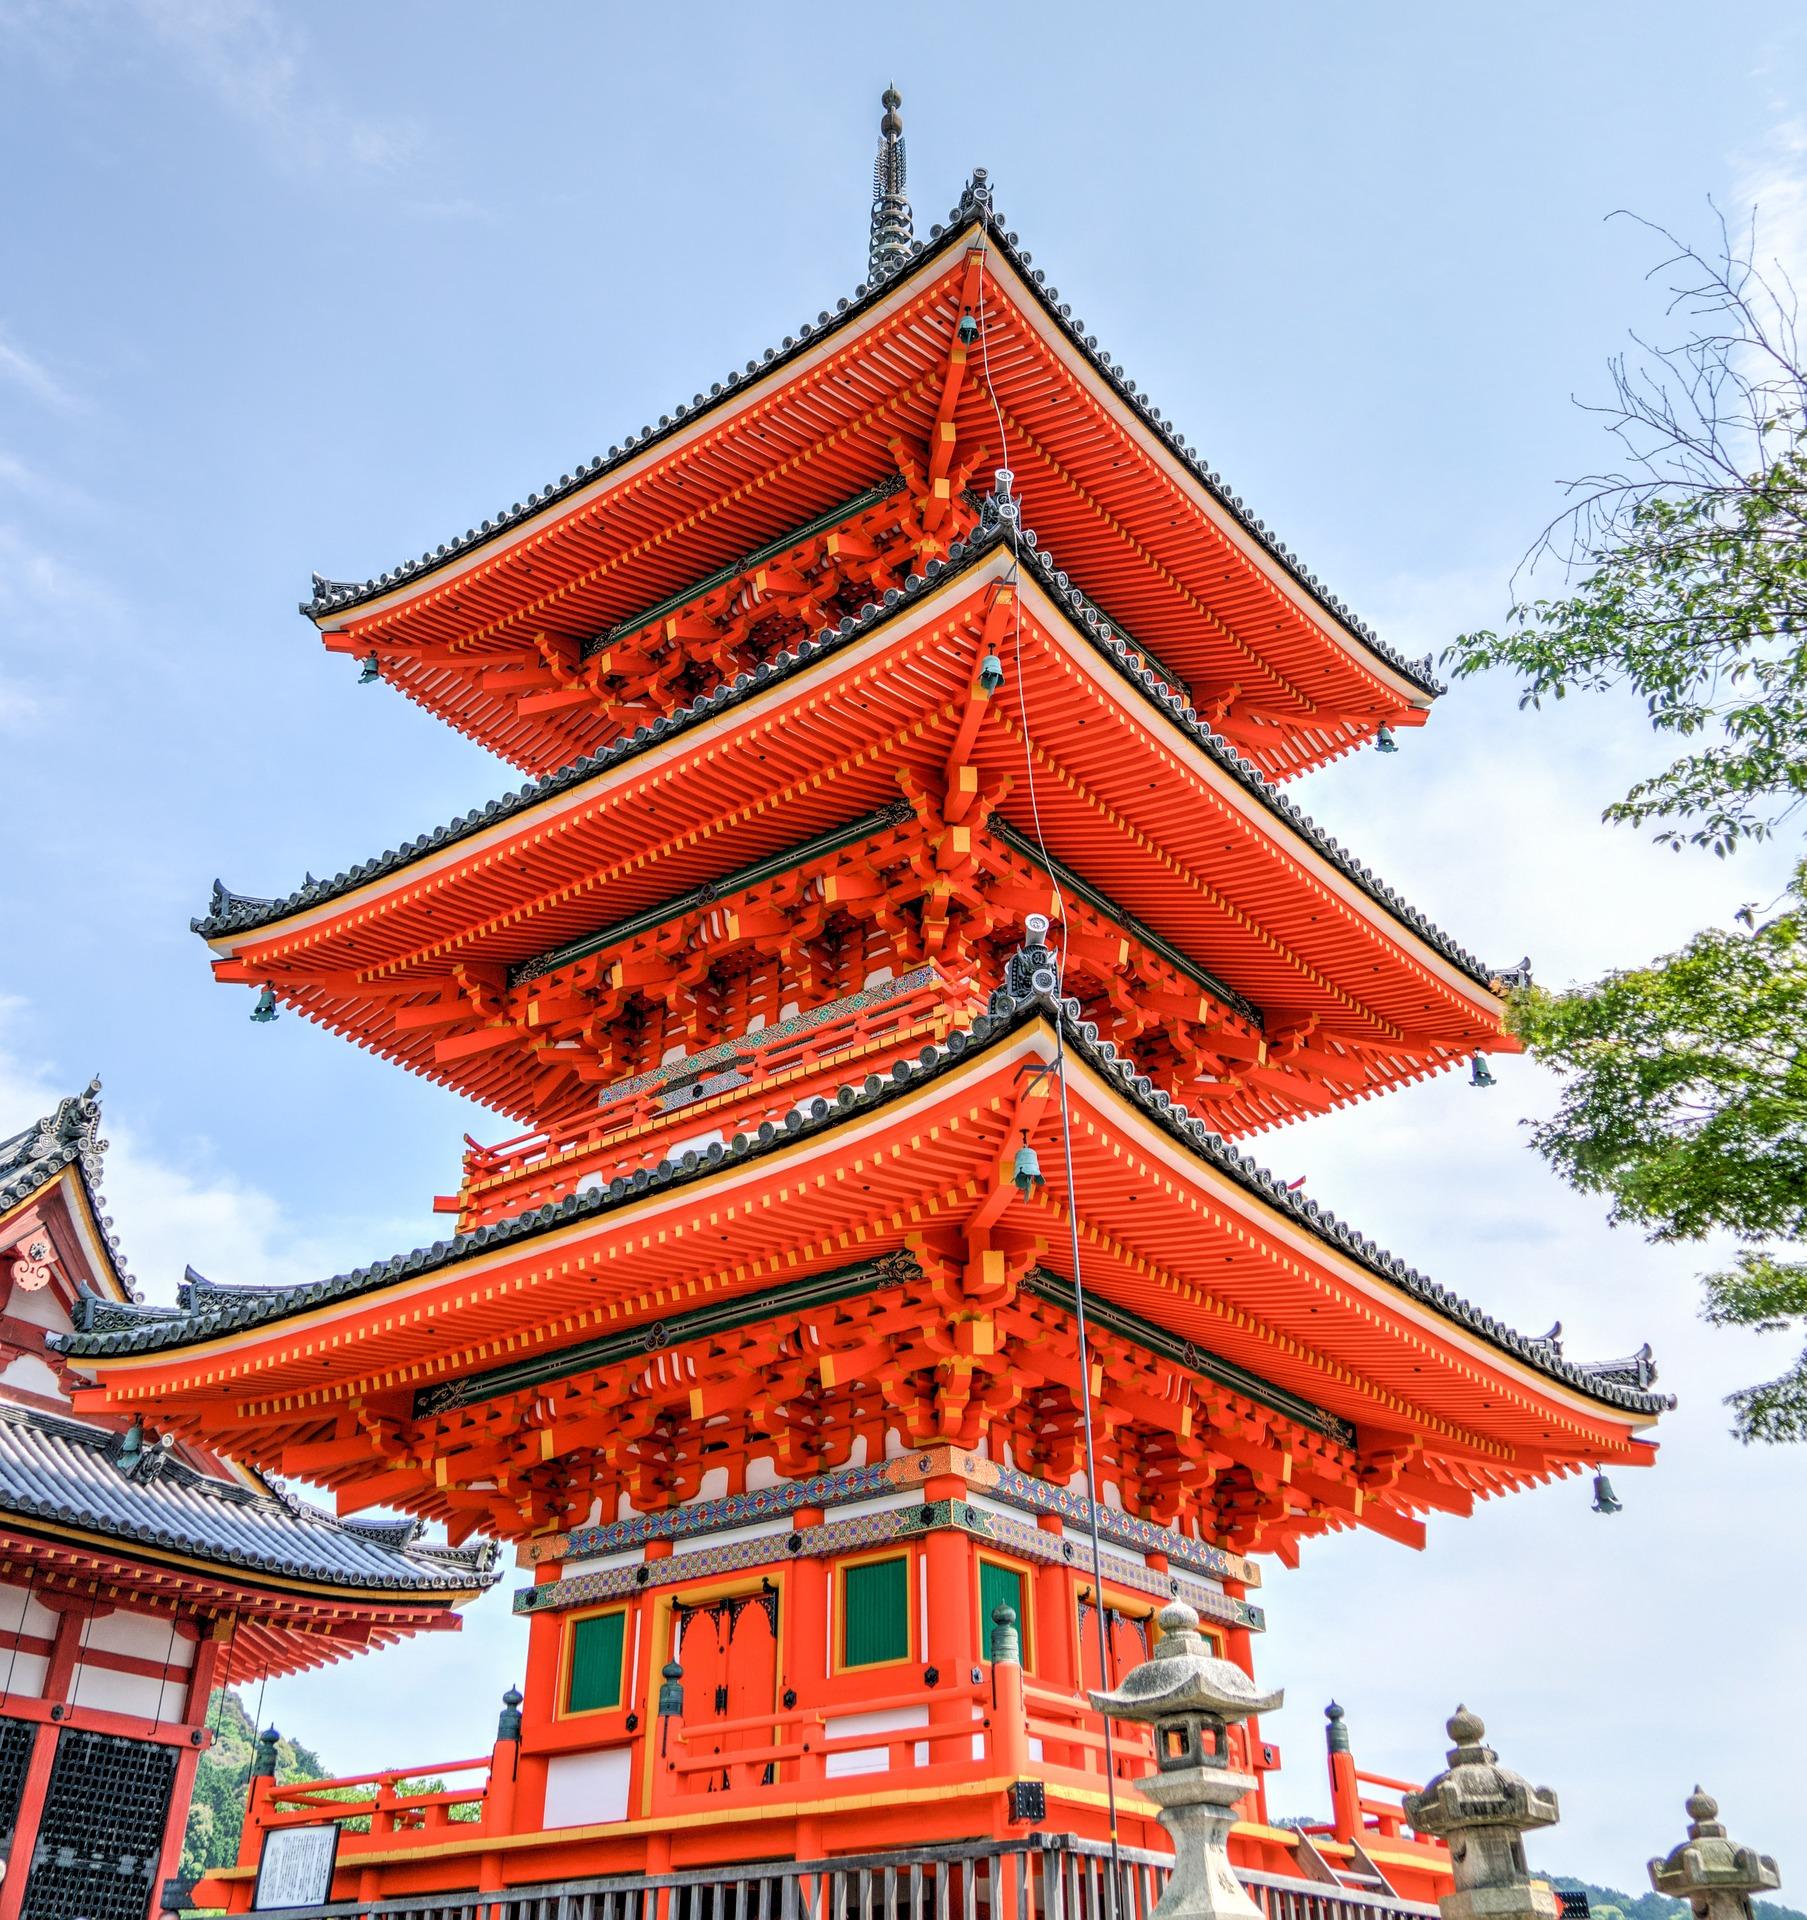 senso-ji-temple-1437677_1920.jpg